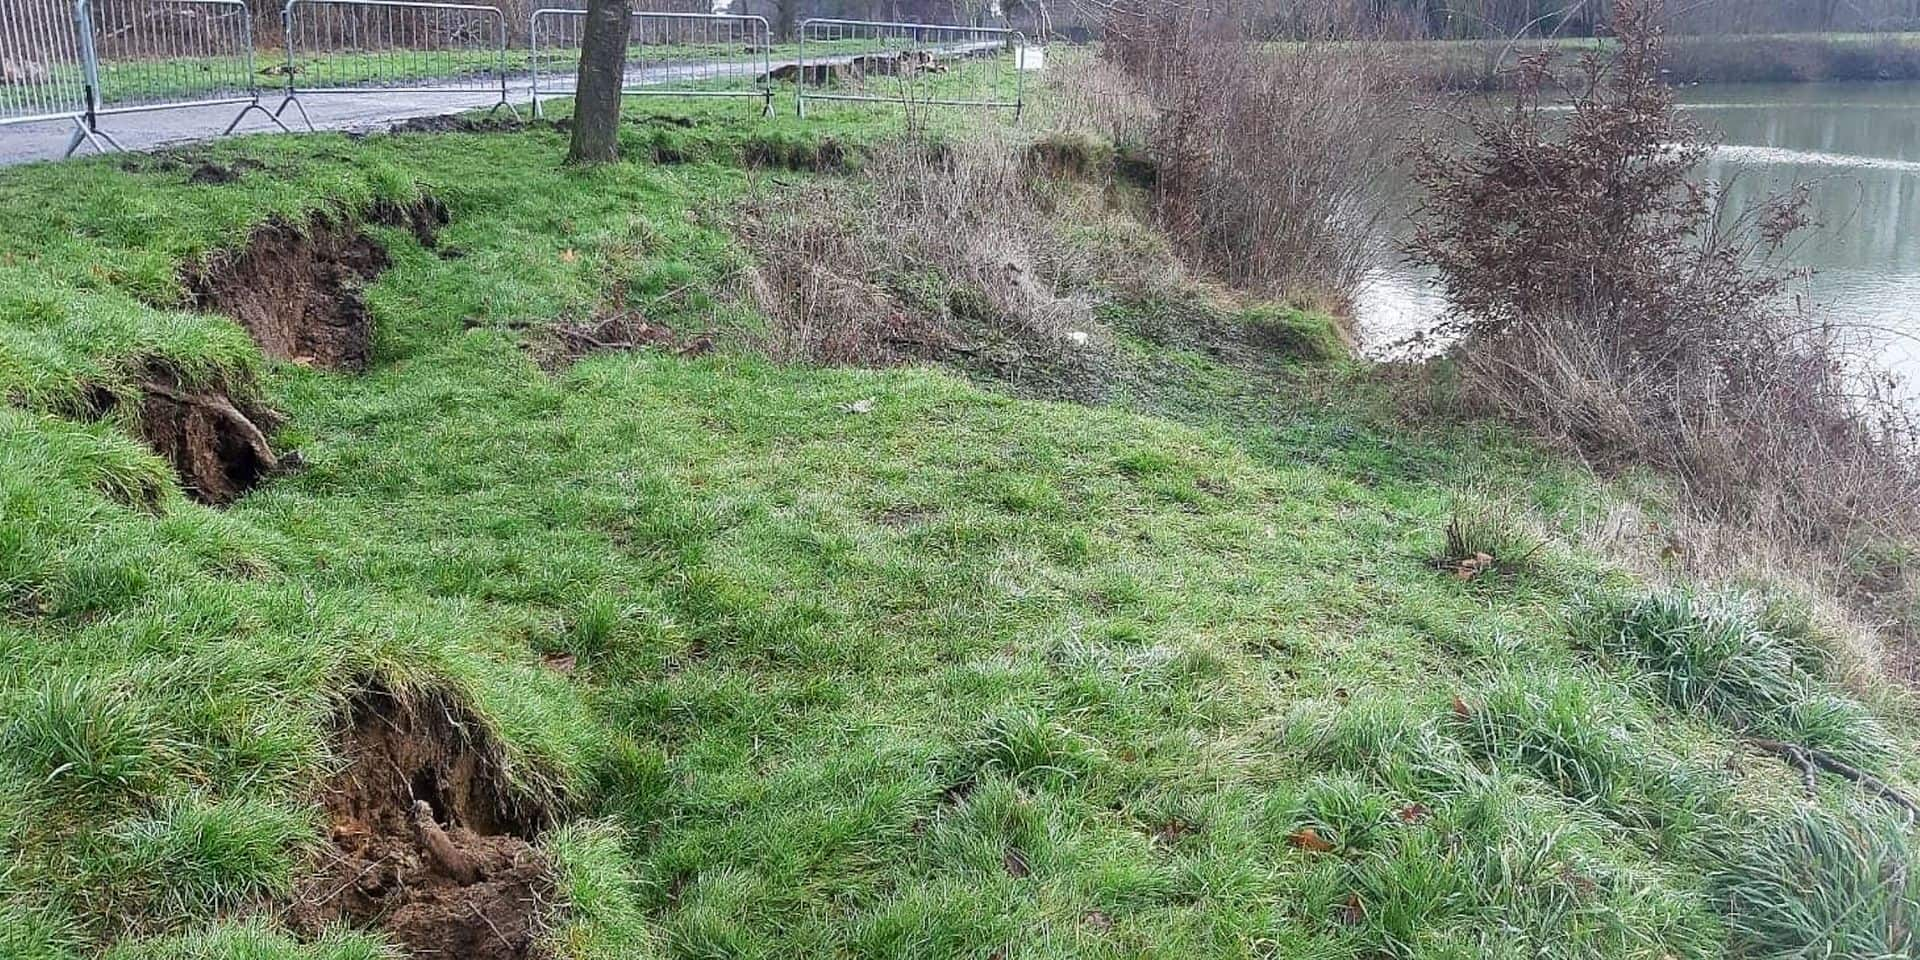 L'affaissement de terrain constaté vendredi dans le parc d'Enghien montre qu'il y a urgence à restaurer les berges de l'étang du Miroir.